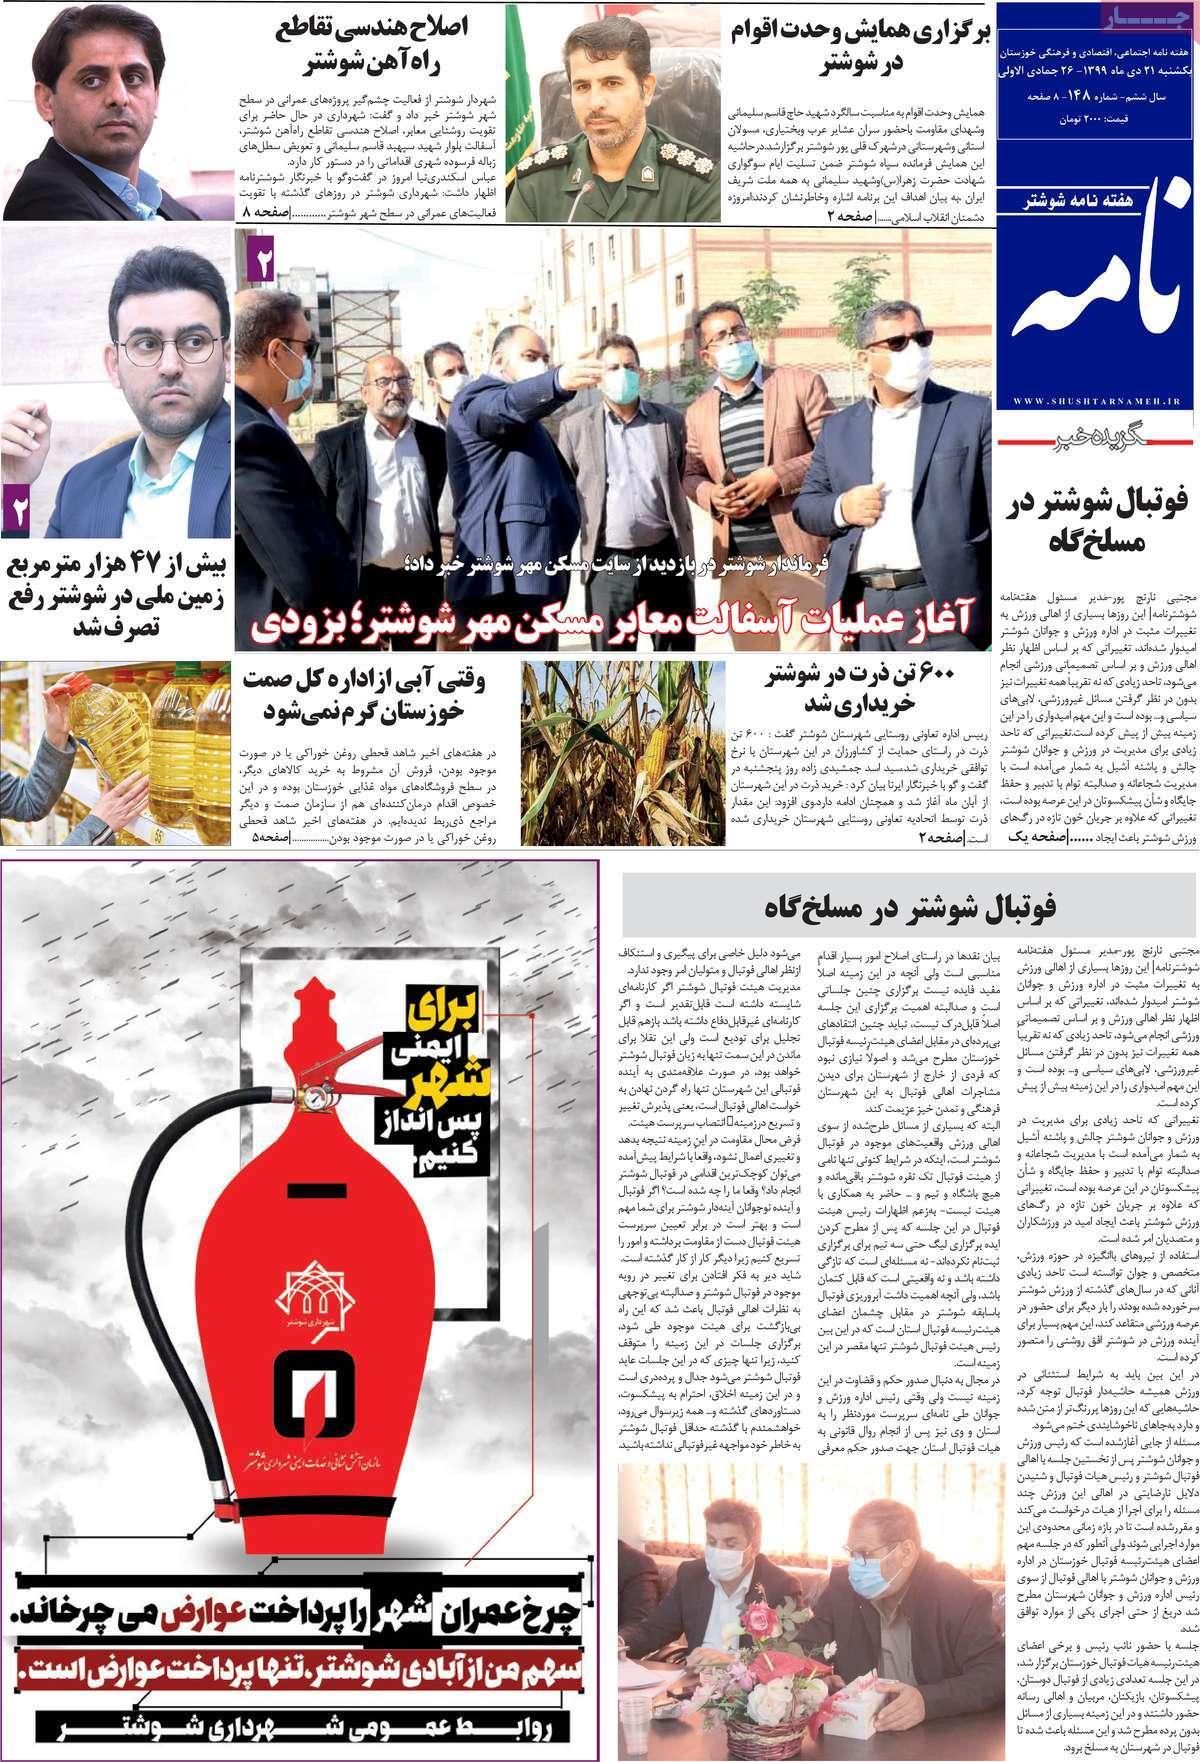 صفحه نخست مجله شوشتر نامه - یکشنبه, ۲۱ دی ۱۳۹۹